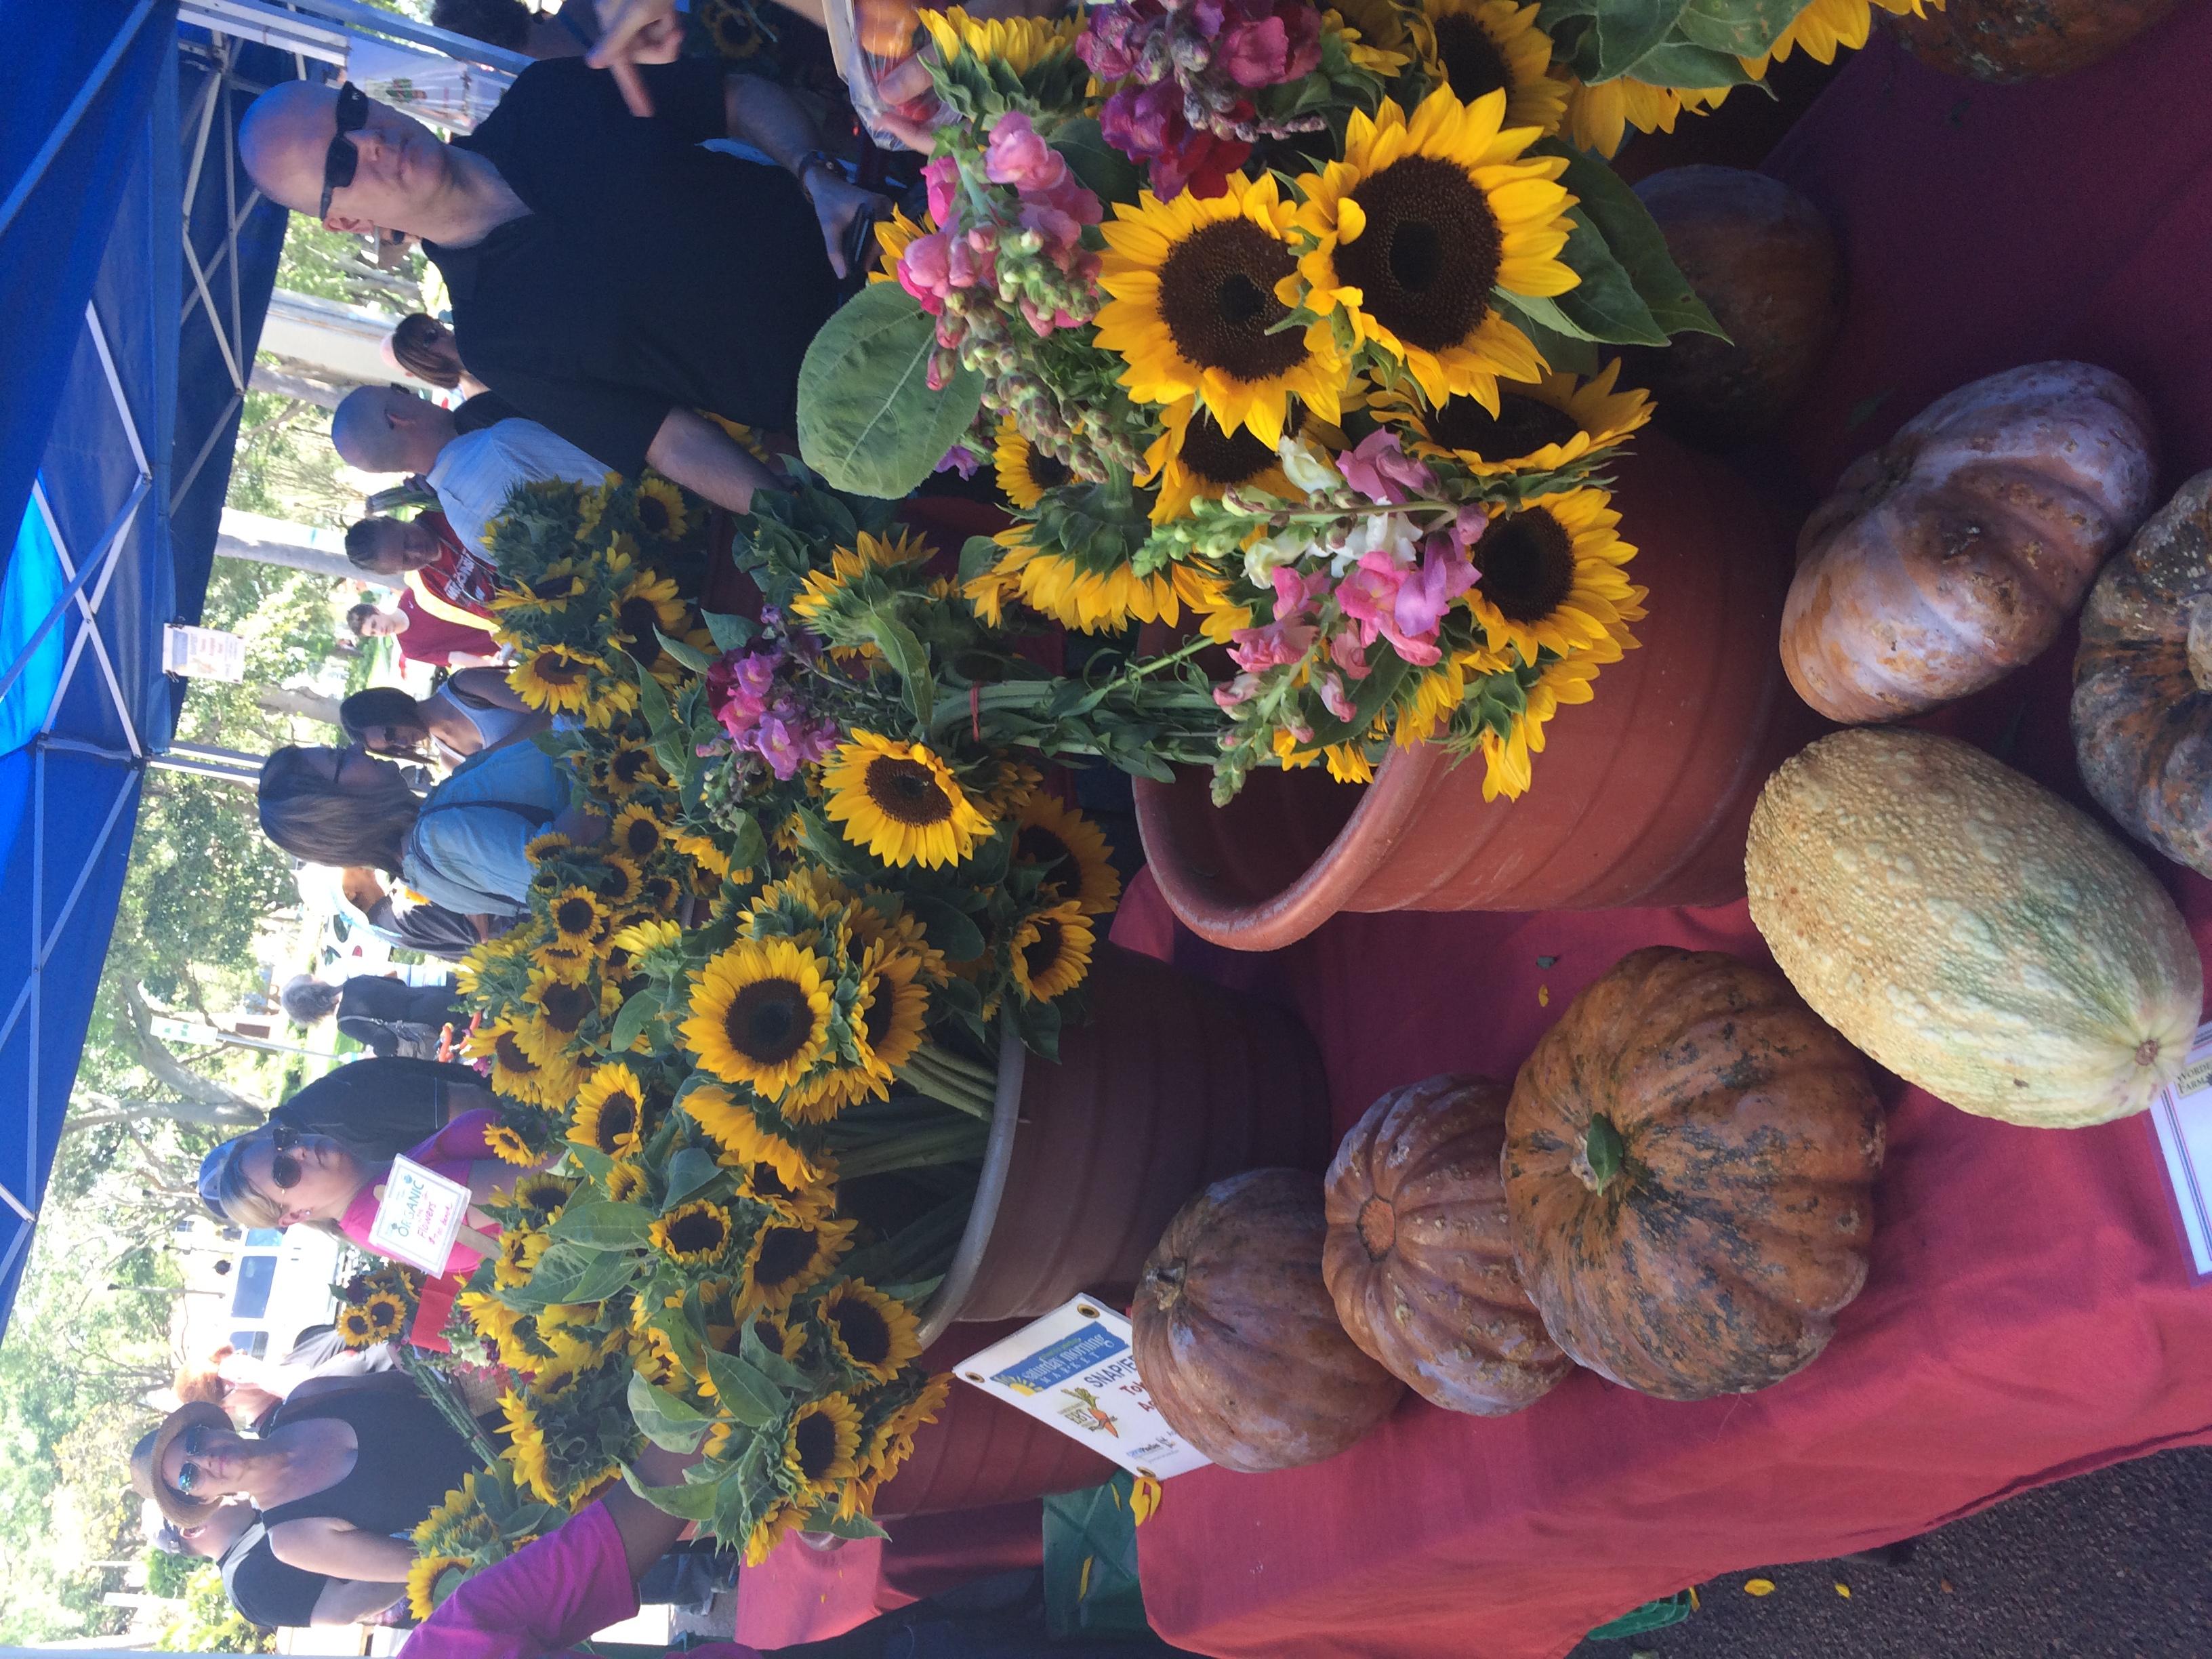 Na barraca de hortaliças e verduras também tinham flores, como estes lindos girassóis.